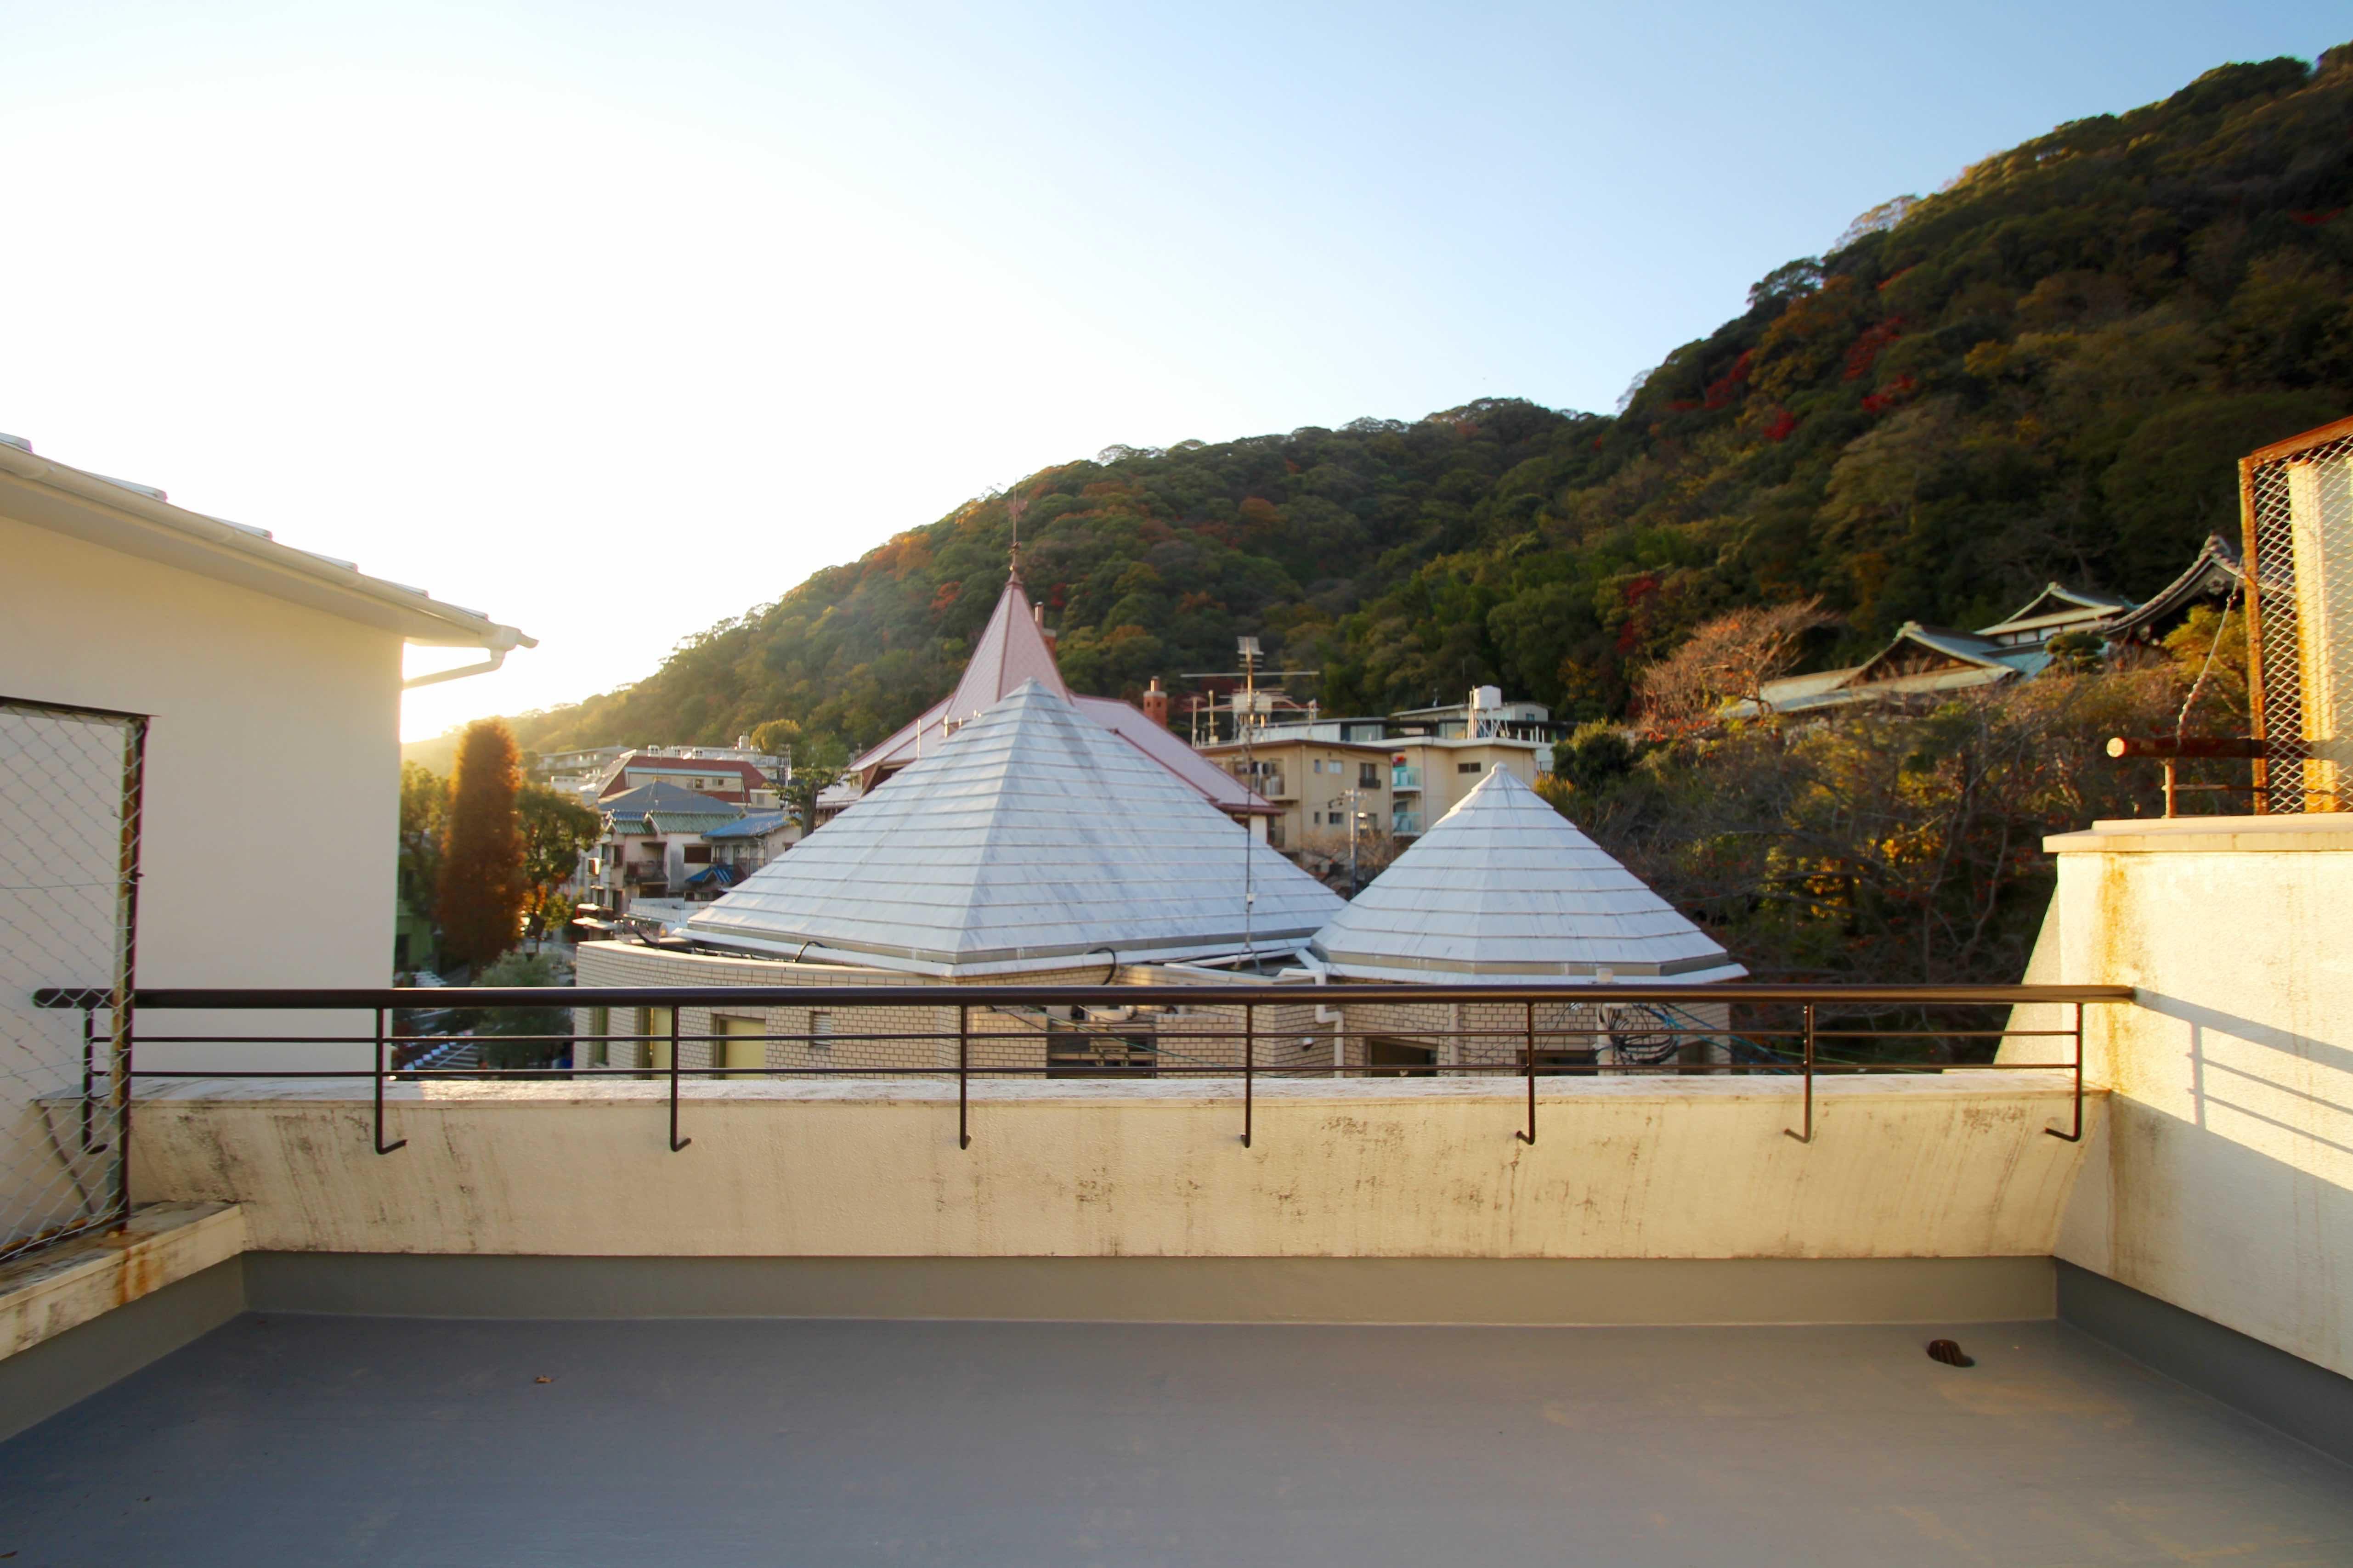 なだらかな山なみに風見鶏の館や萌黄の館の屋根がちらほら見える